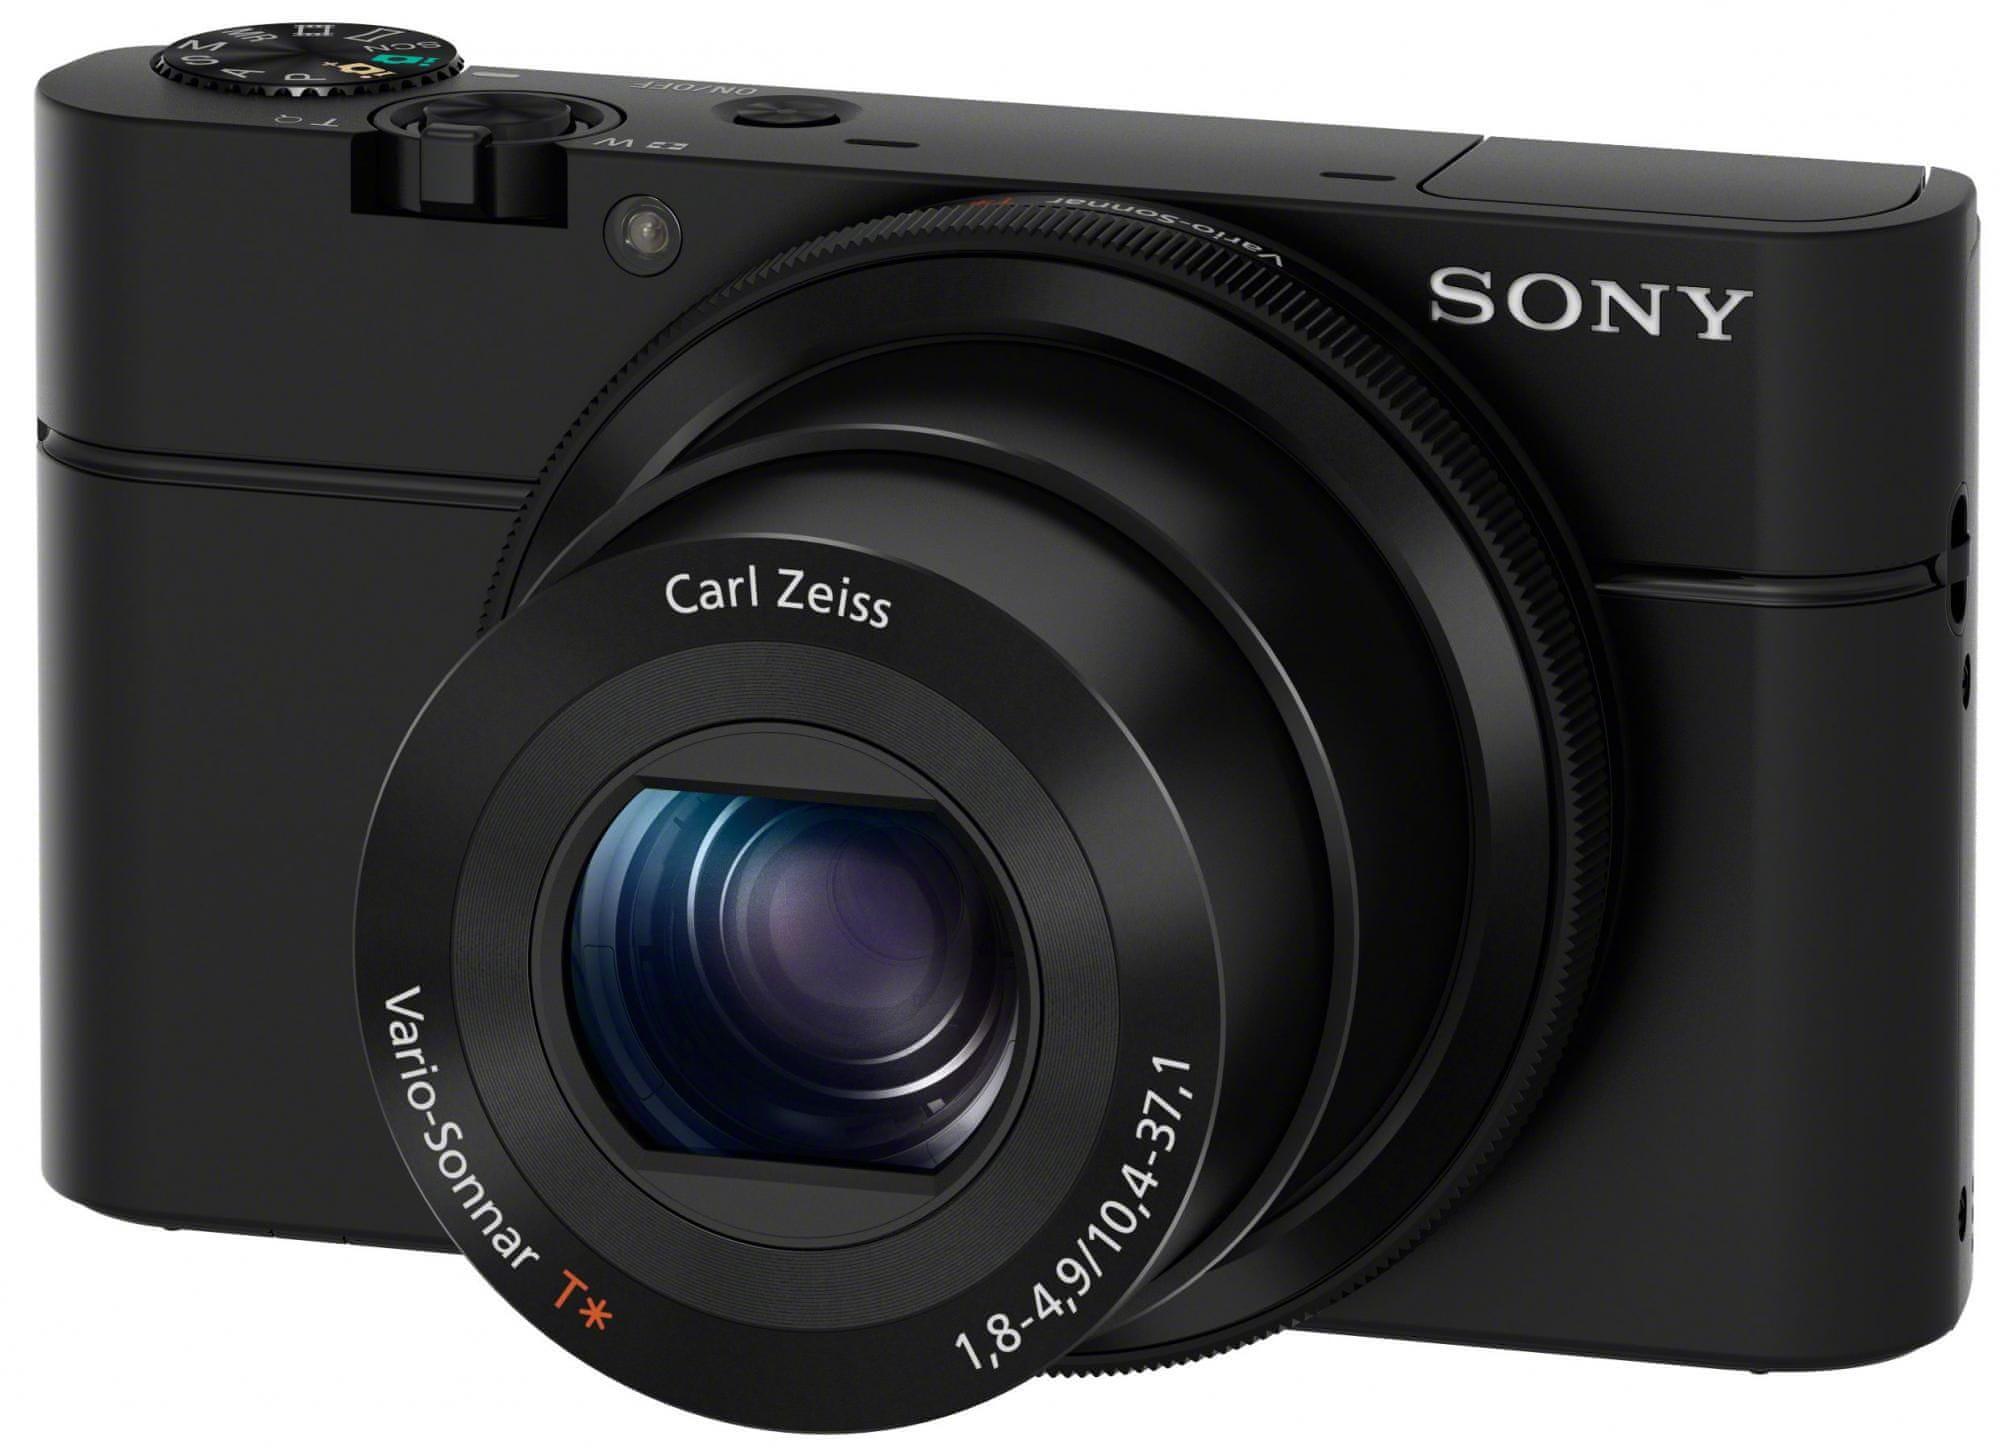 Sony CyberShot DSC-RX100 kompaktní digitální fotoaparát